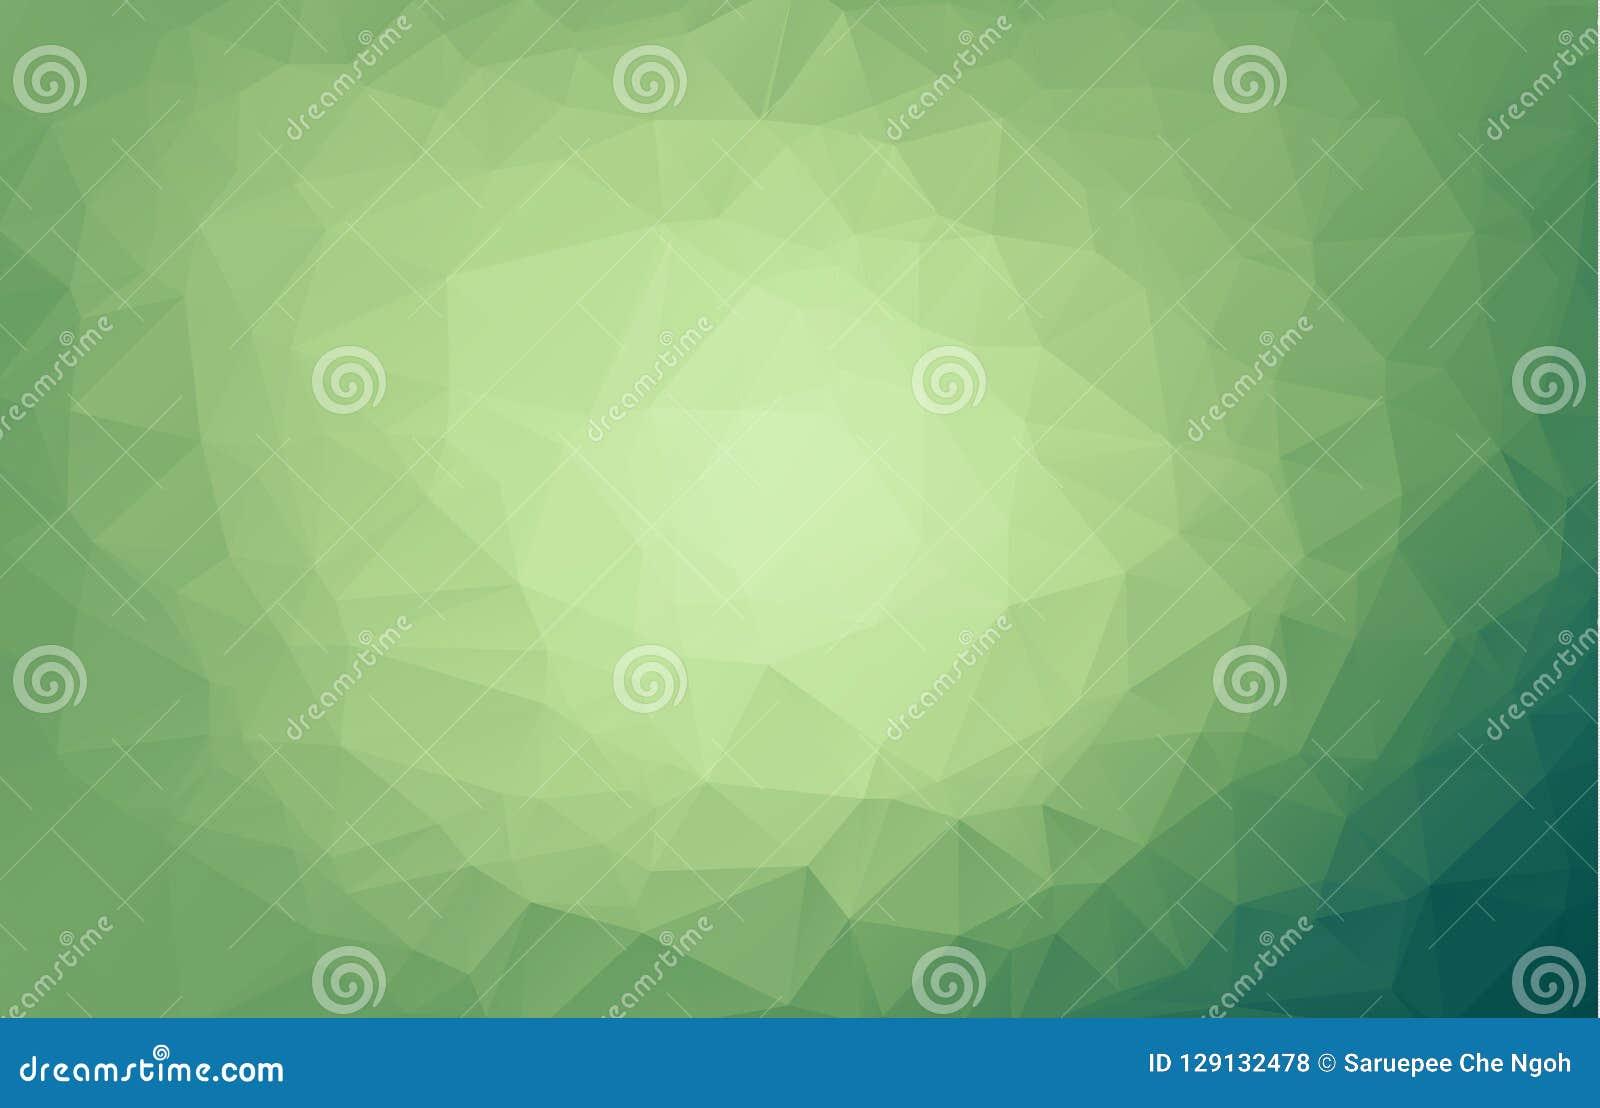 Fondo borroso del triángulo del vector verde claro Un ejemplo brillante elegante con pendiente Totalmente un nuevo diseño para su